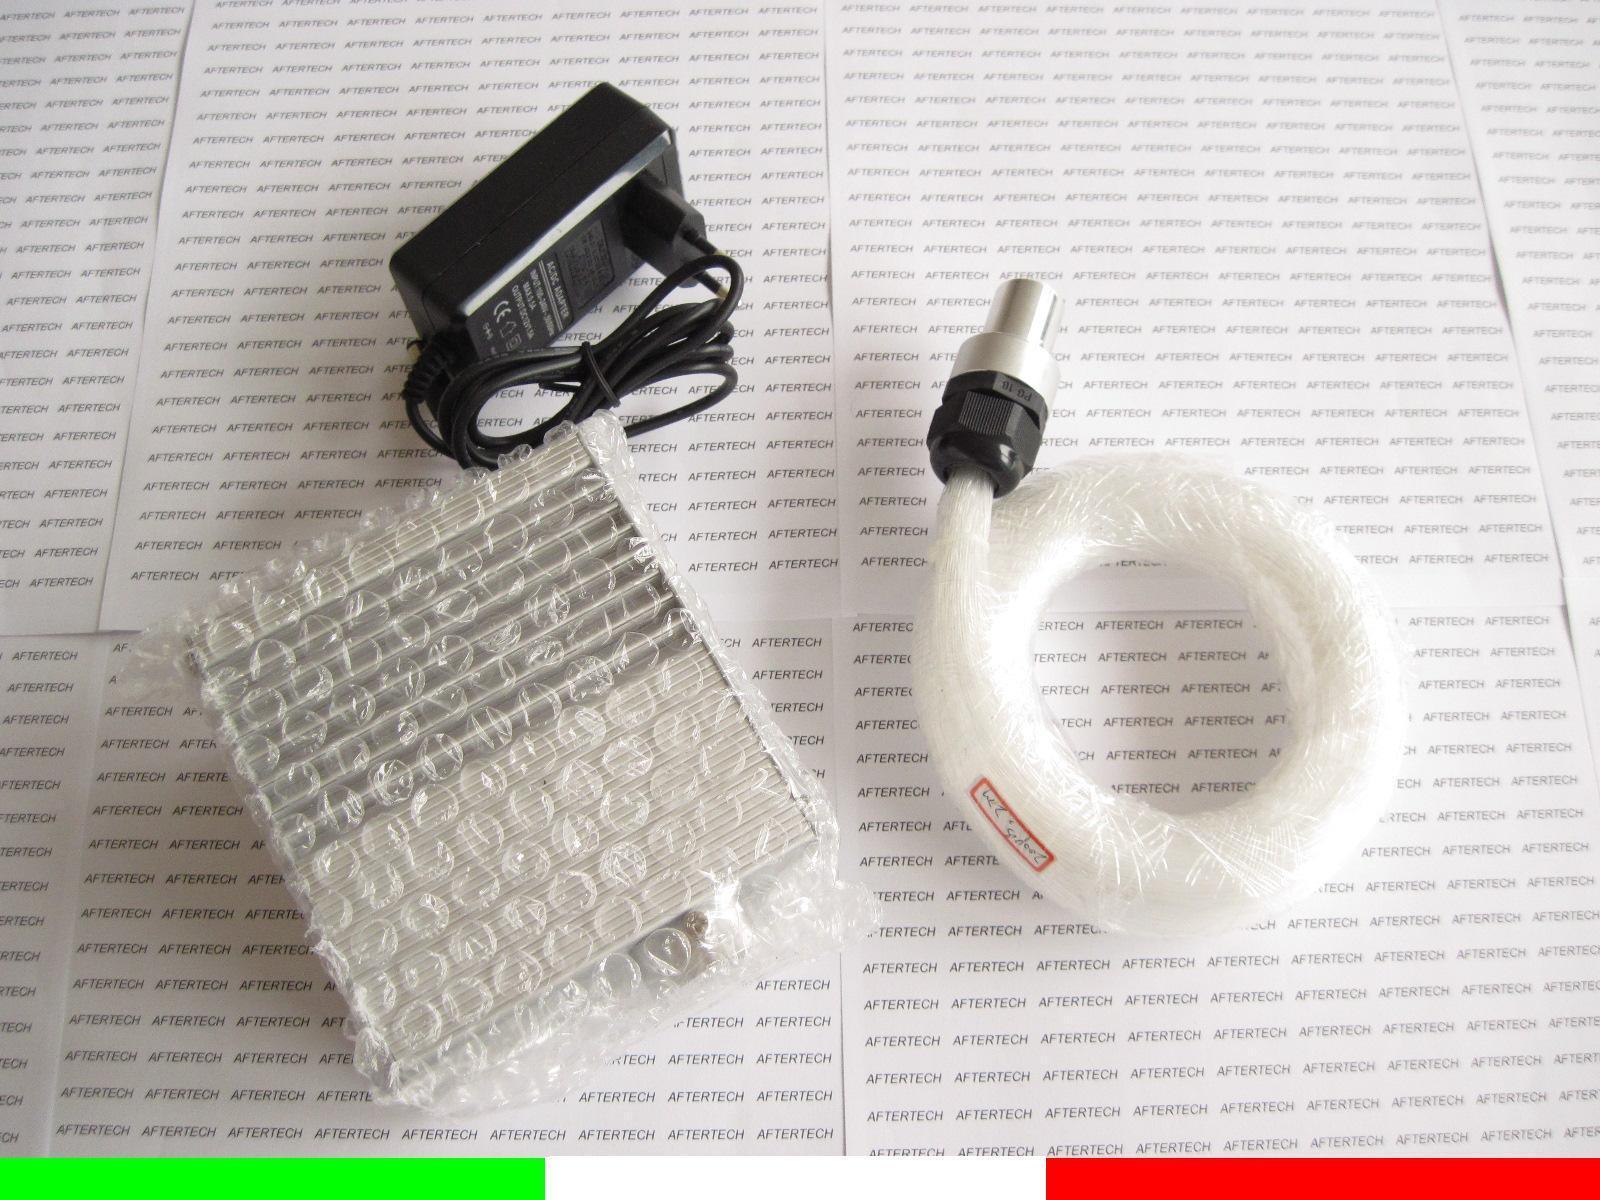 EFFET ÉCLAT KIT CIEL STELLATO BLANC 200 POINTS LED BLANC STELLATO FROID FIBRE OPTIQUE 3b0415